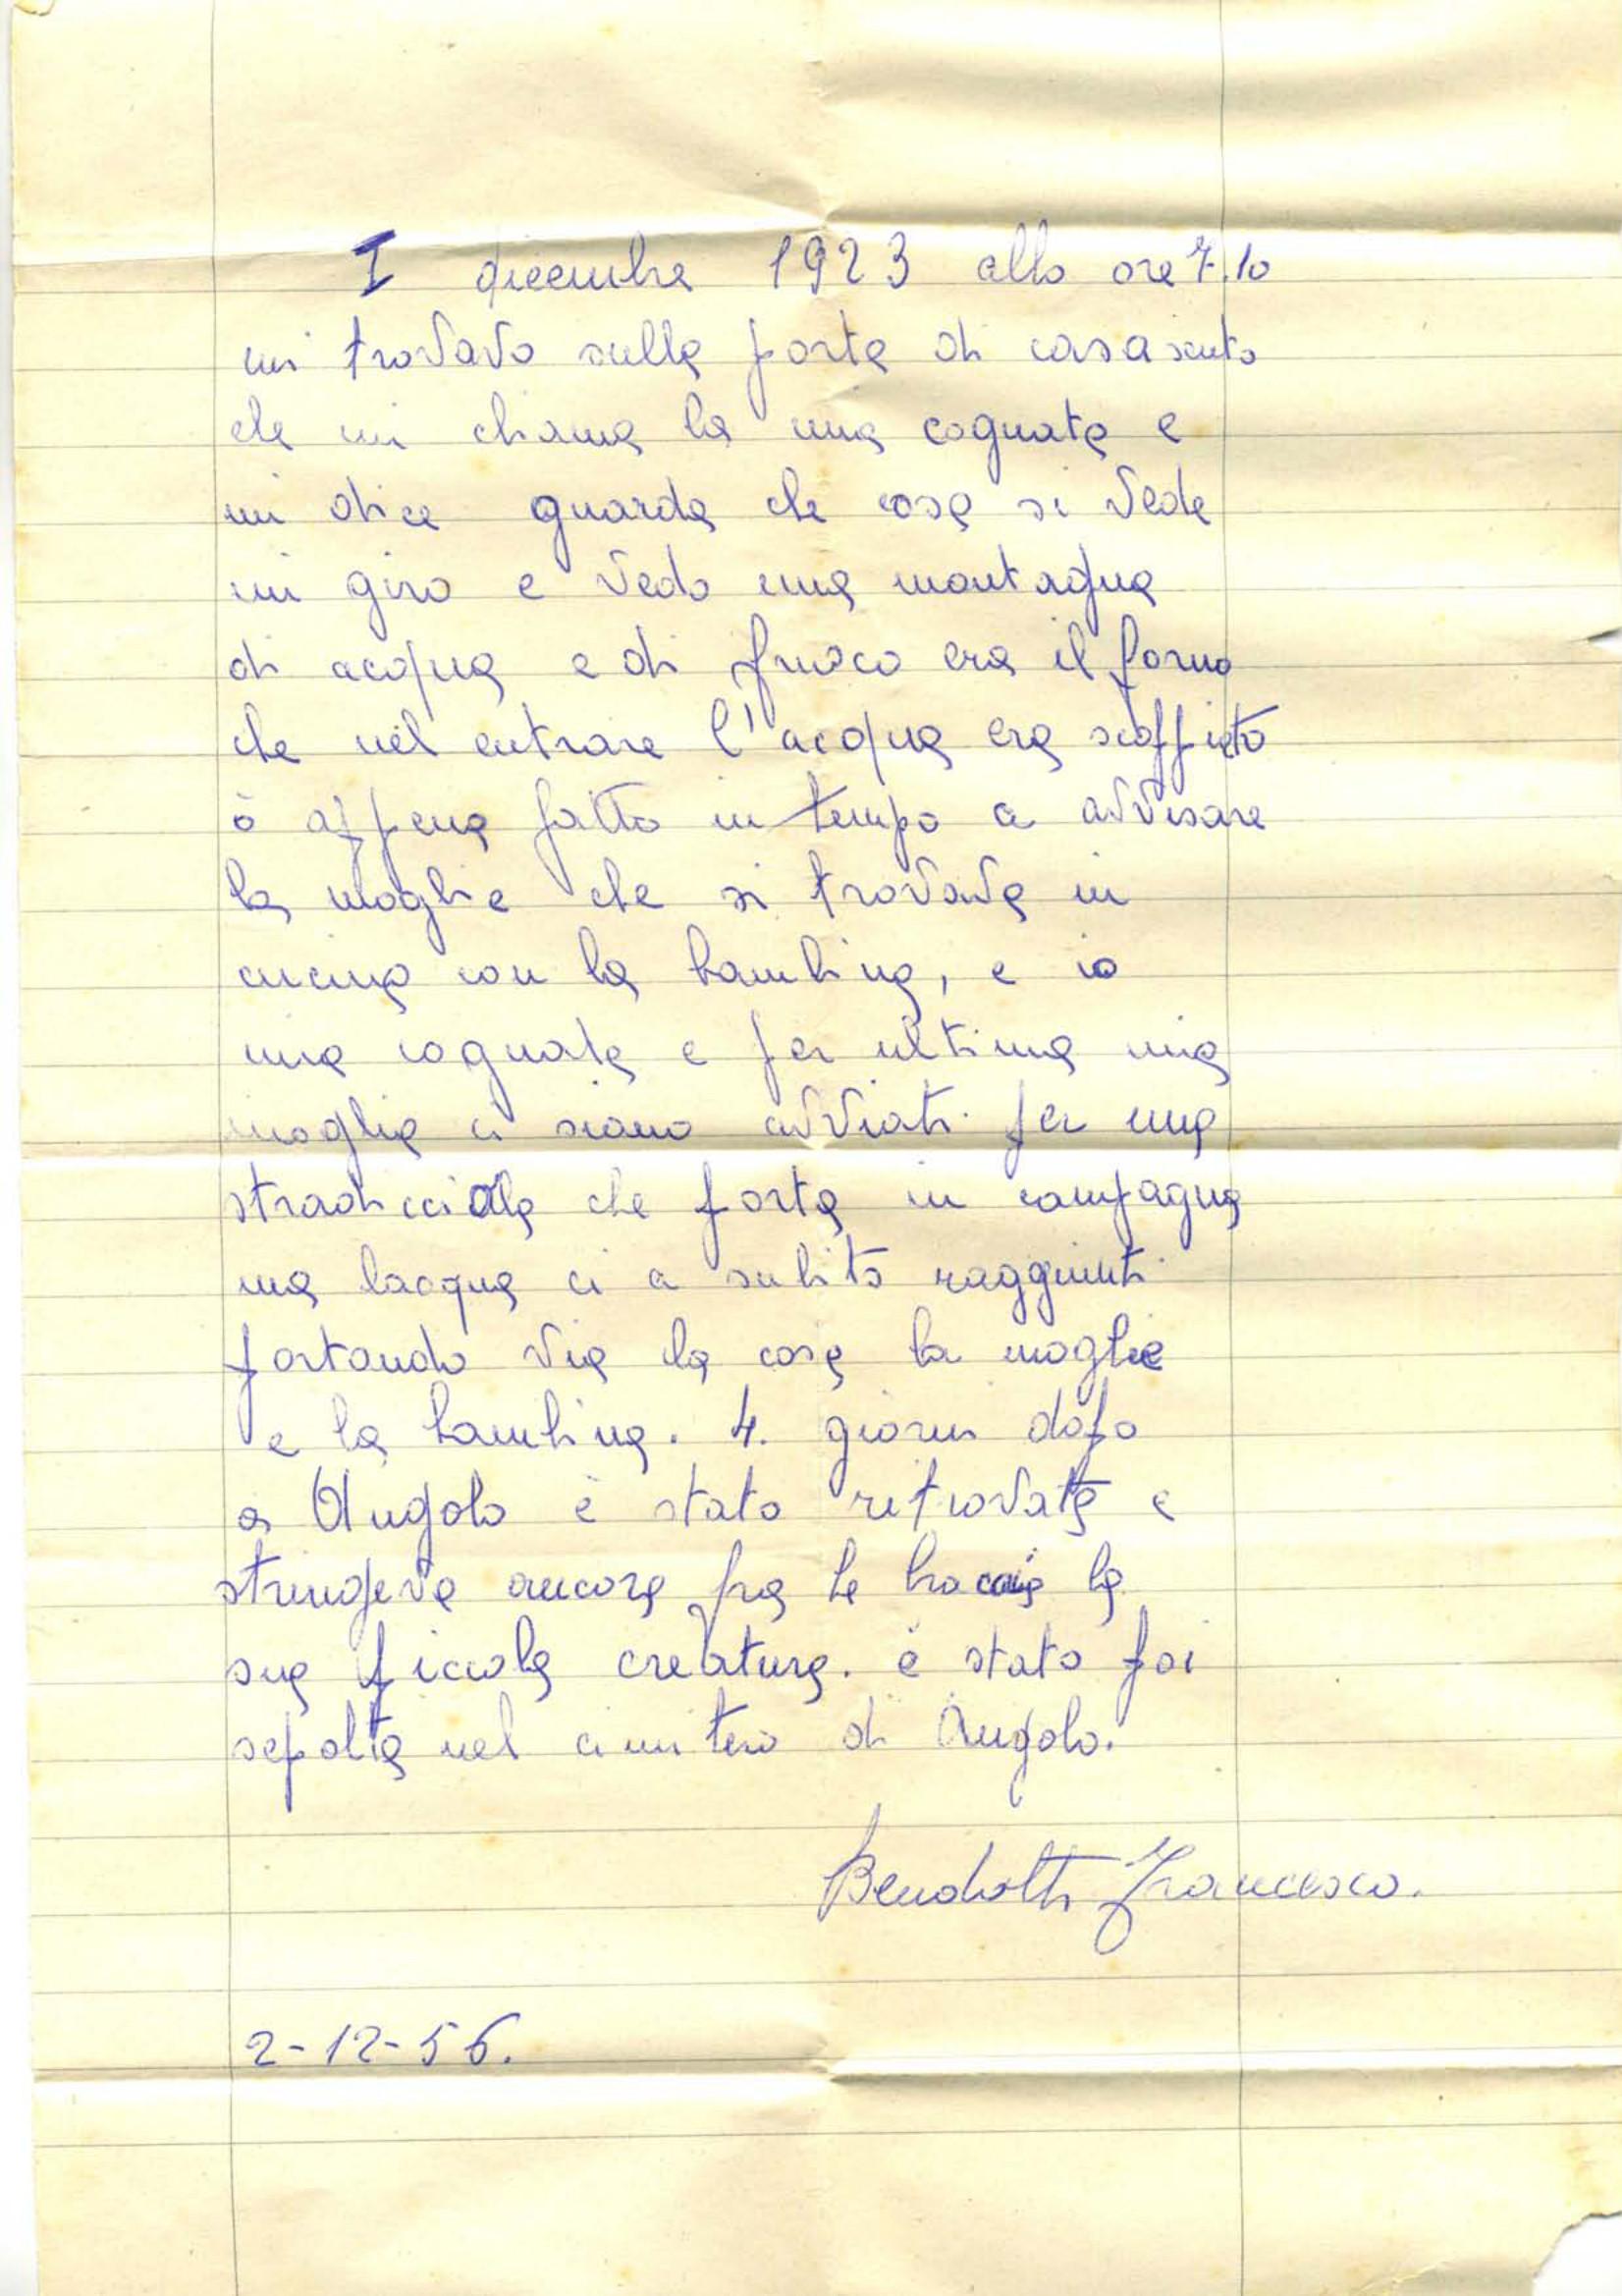 Lettera di Bendotti Francesco